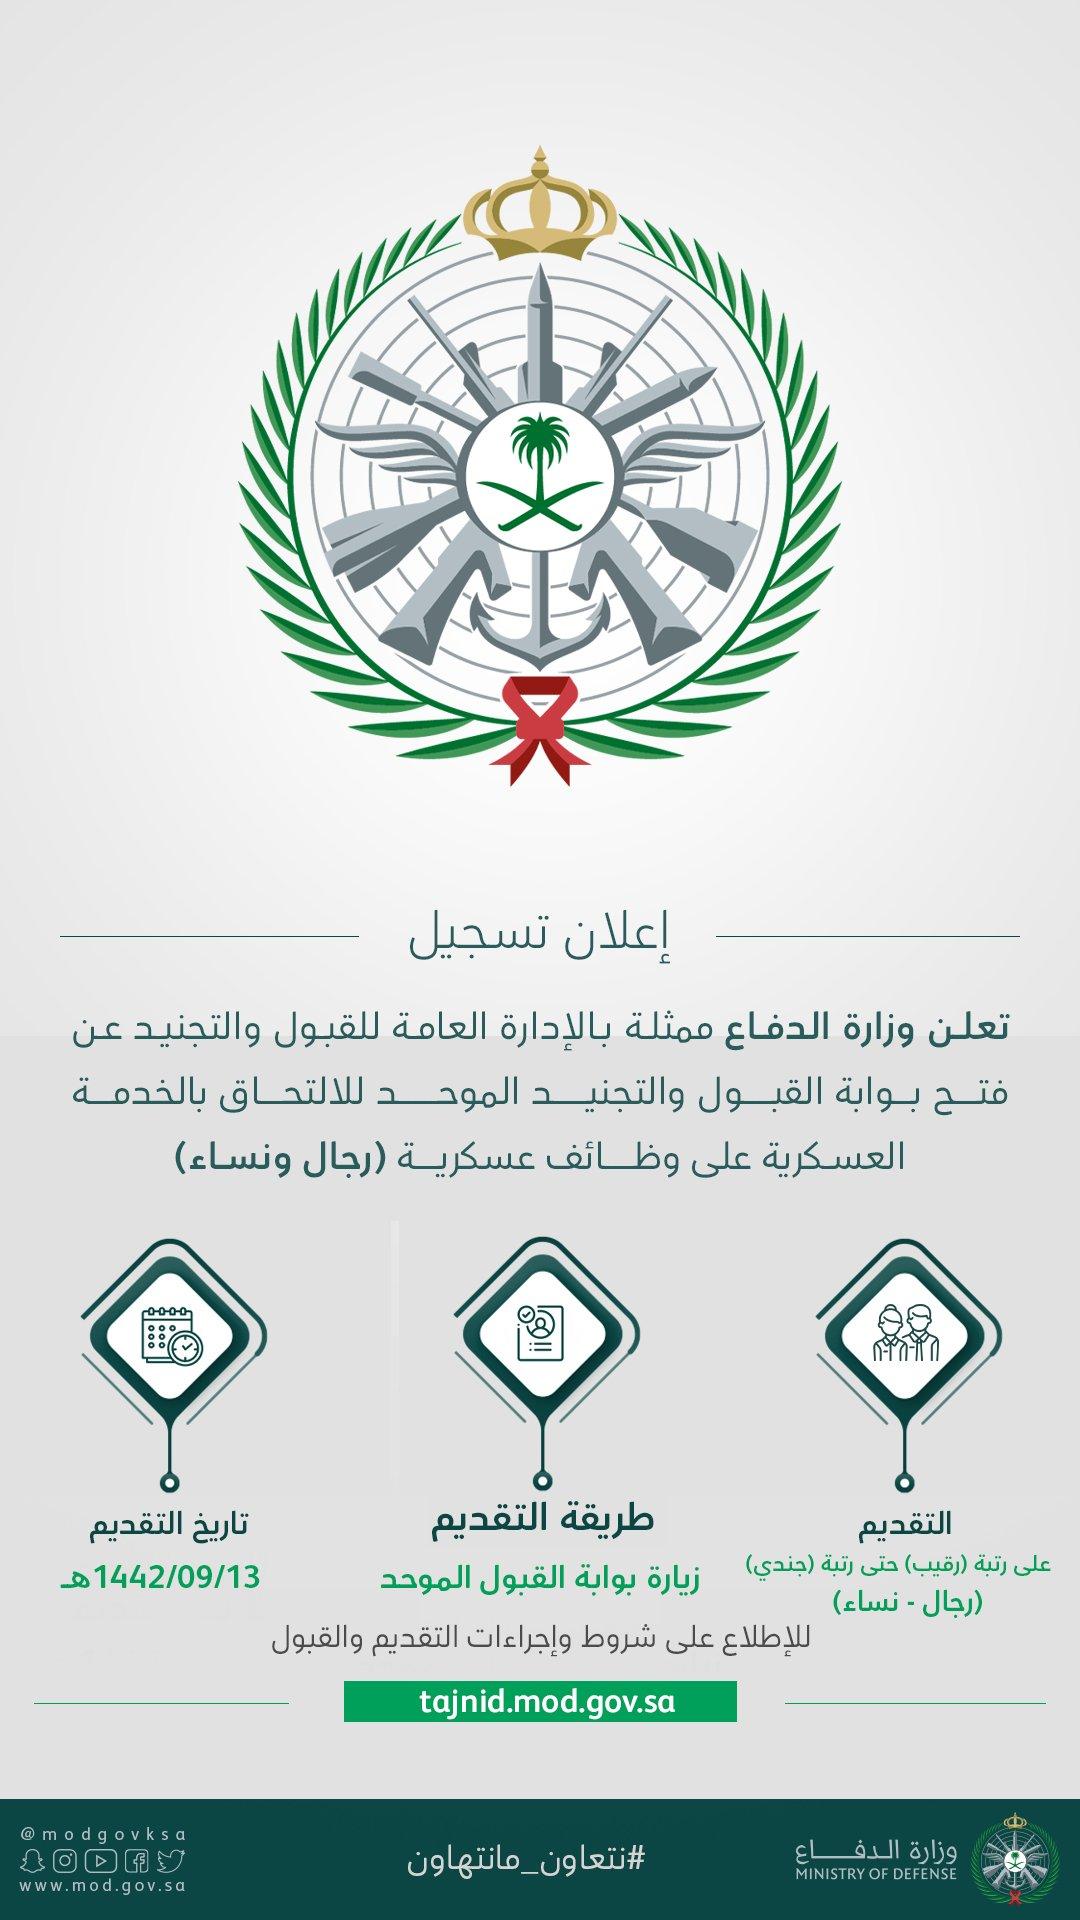 شروط التسجيل في الخدمات الطبية للقوات المسلحة 1442